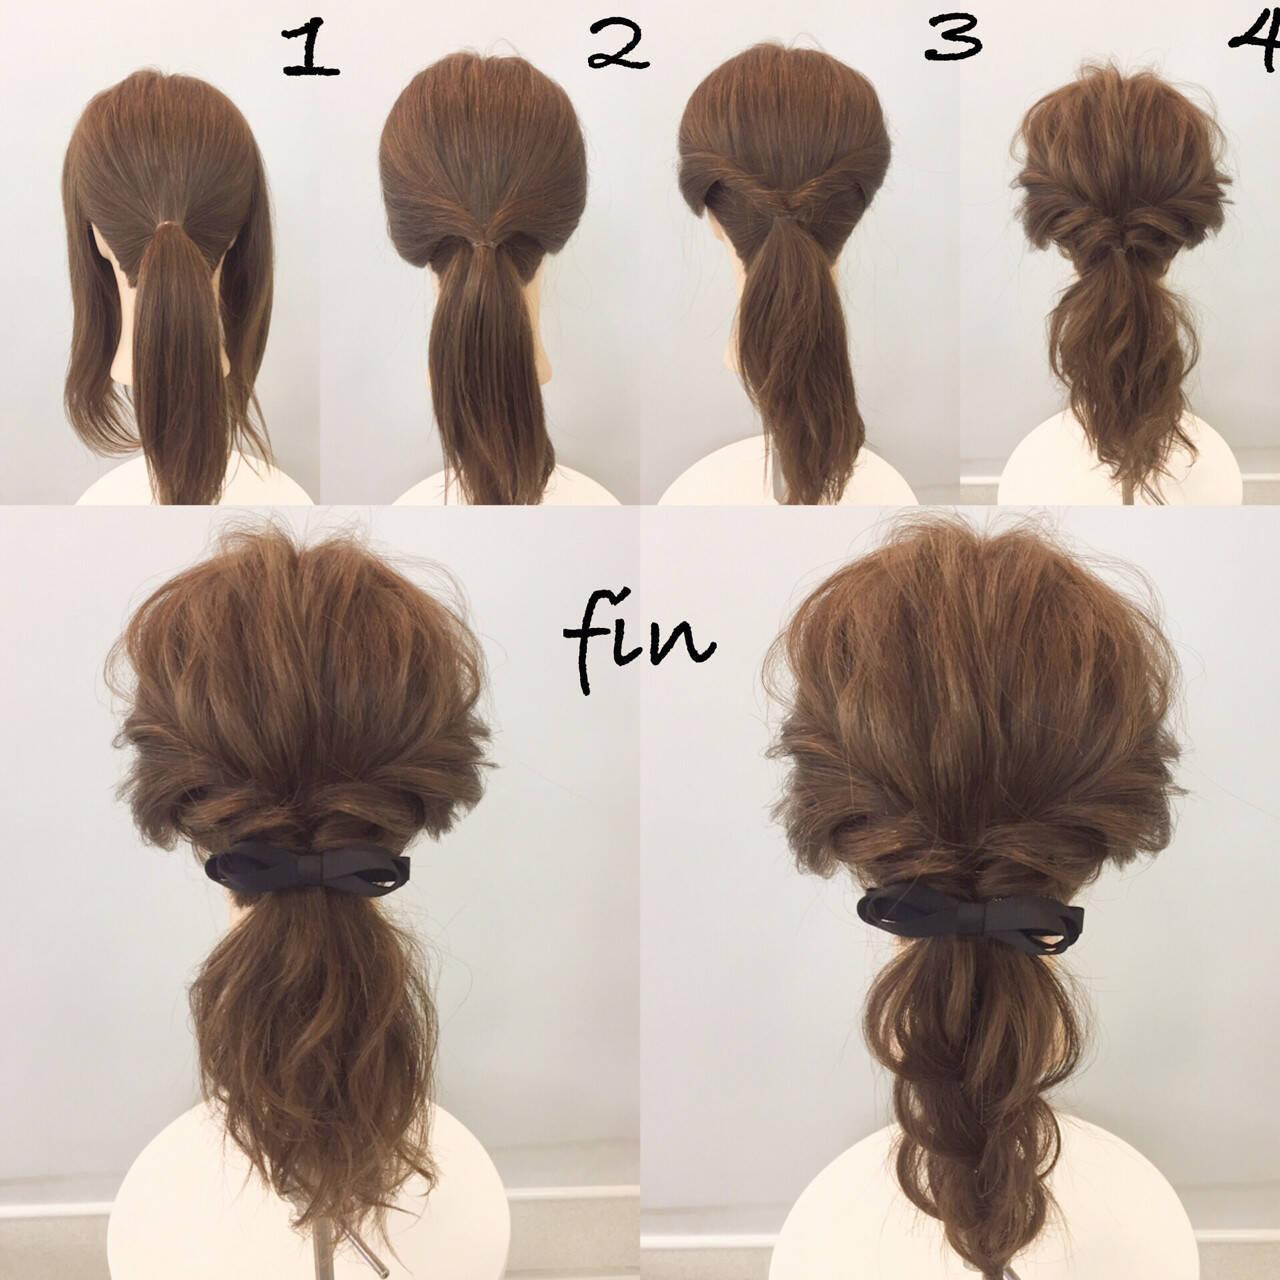 大人女子 ポニーテール ミディアム 簡単ヘアスタイルや髪型の写真・画像